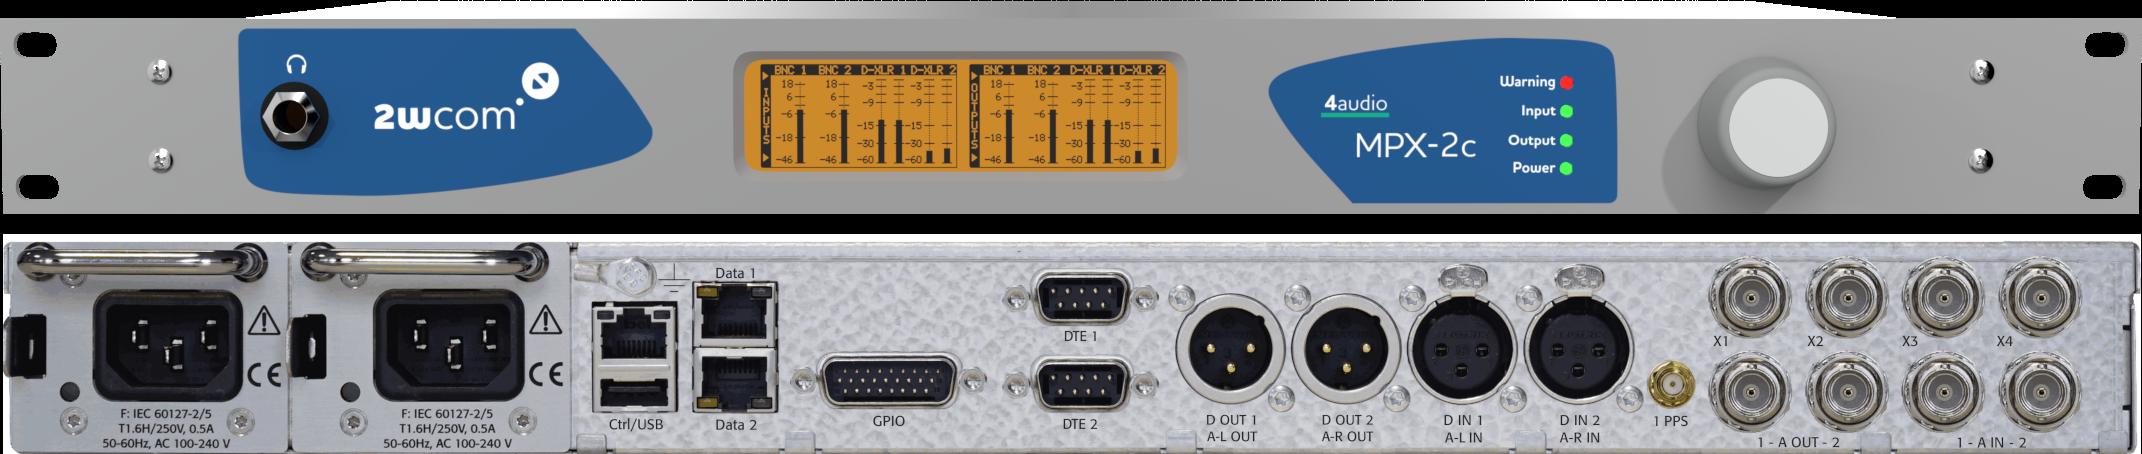 Avant et arrière du codec MPX-2c. © 2wcom.